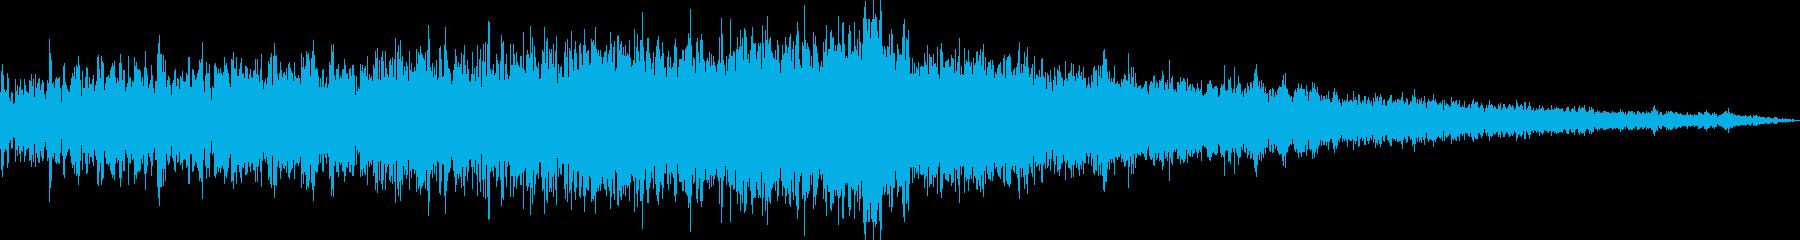 暗闇でのスペイシーな音 ドカーン 衝突の再生済みの波形